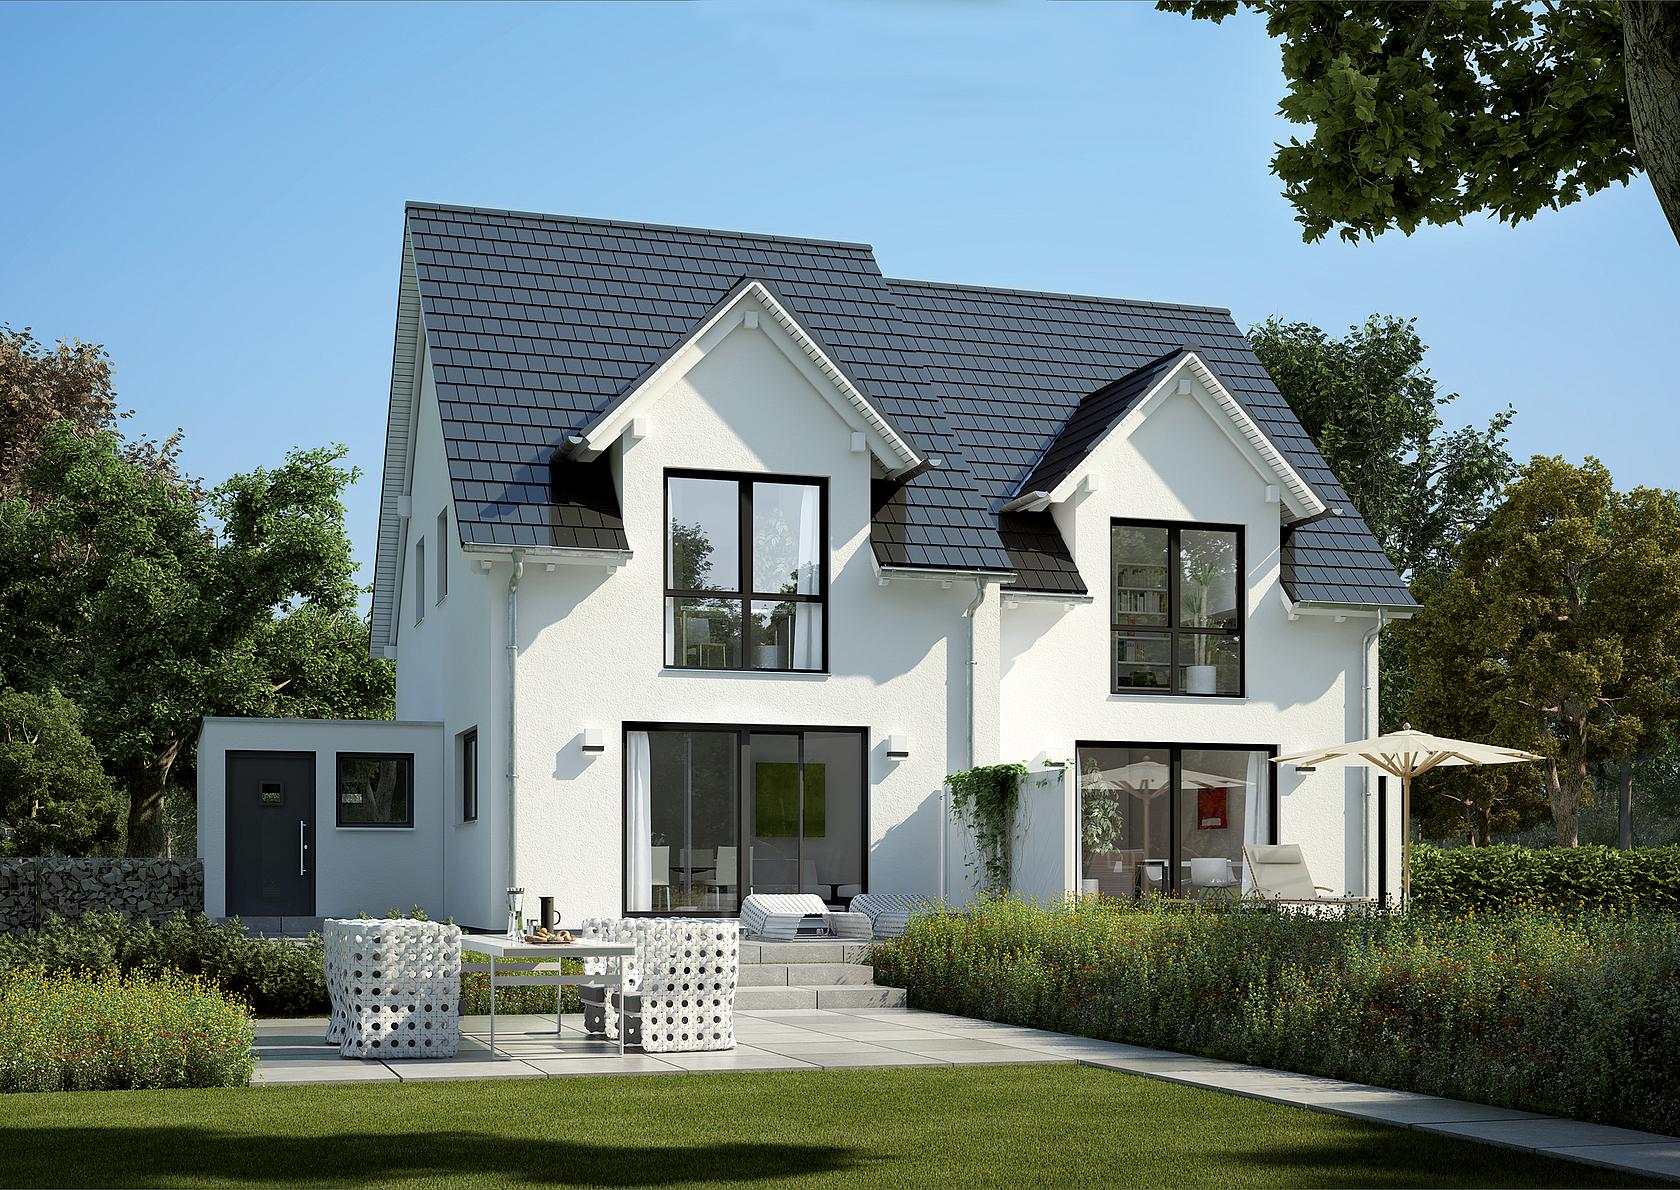 doppelhaus twin l von kern haus ideal f r kleine grundst cke. Black Bedroom Furniture Sets. Home Design Ideas